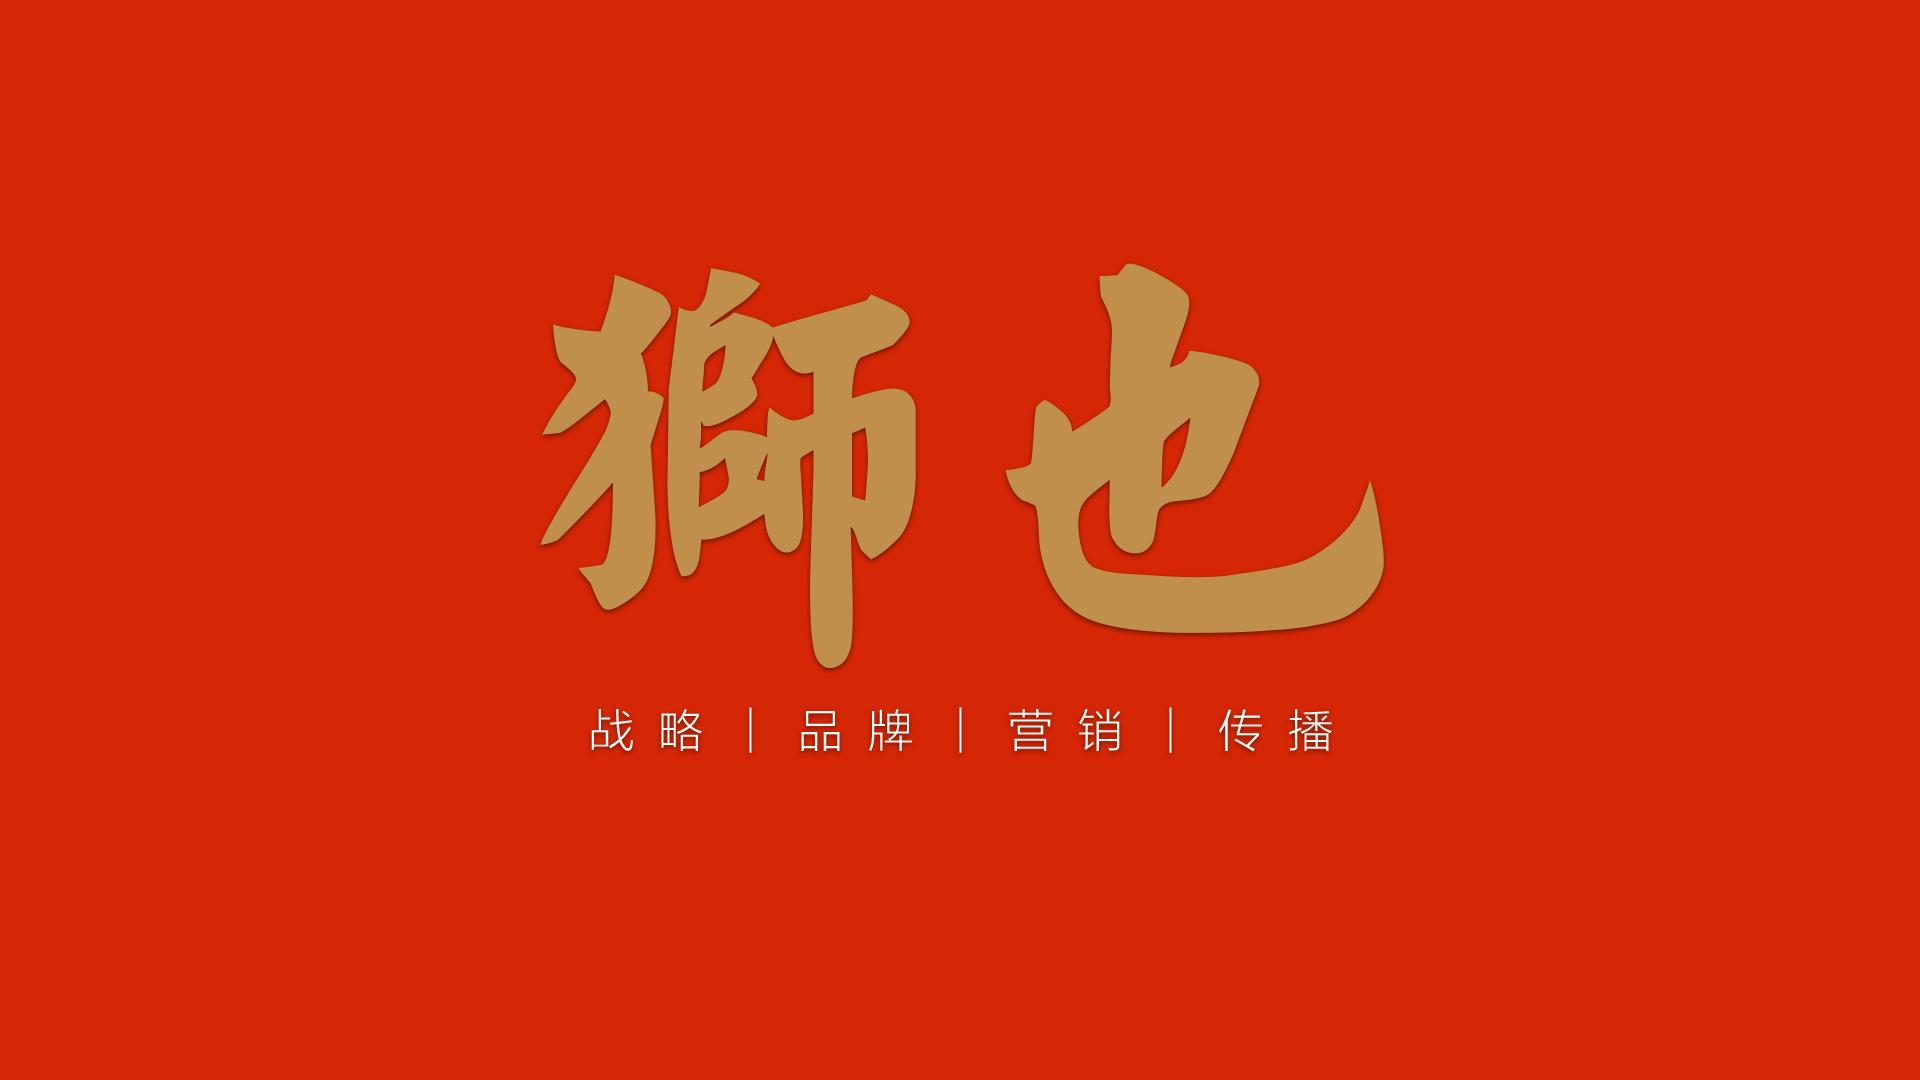 上海营销策划公司—— 企业战略管理须知